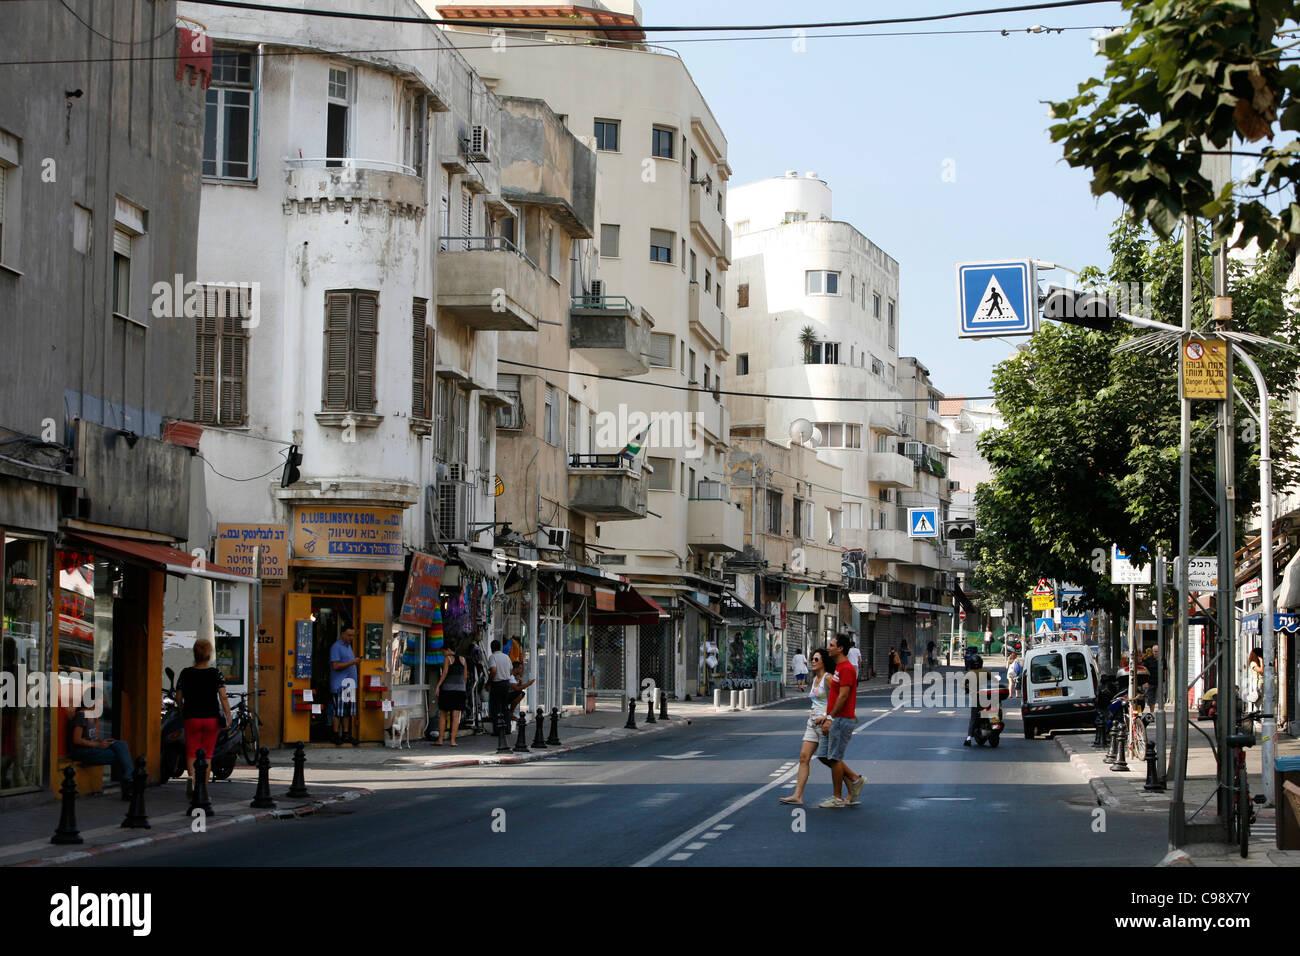 Kings George street with Bauhaus buildings, Tel Aviv, Israel. - Stock Image